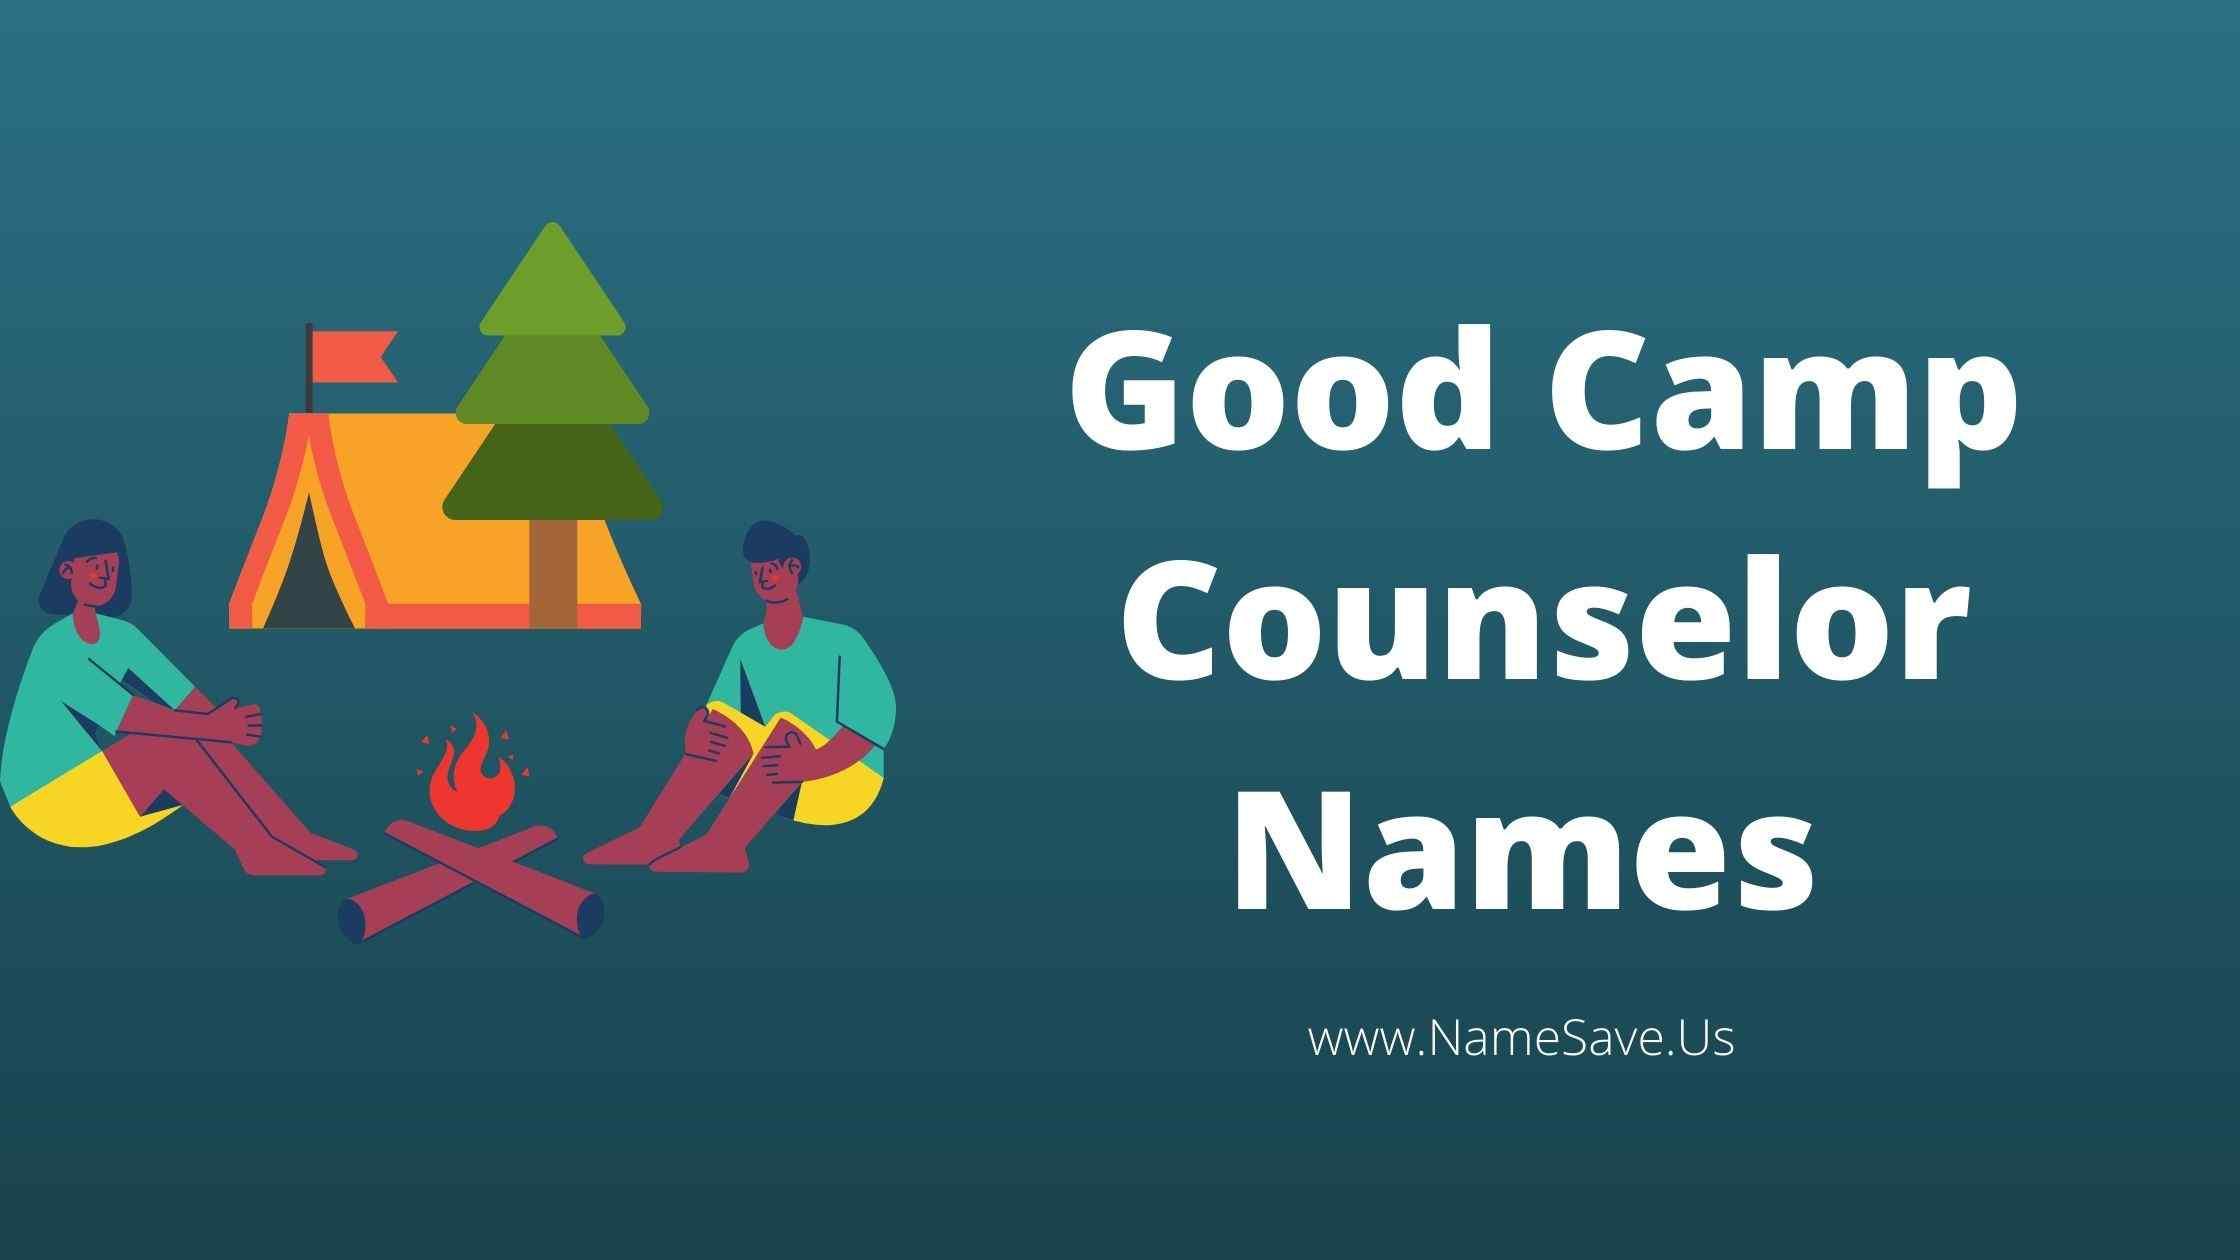 Good Camp Counselor Names